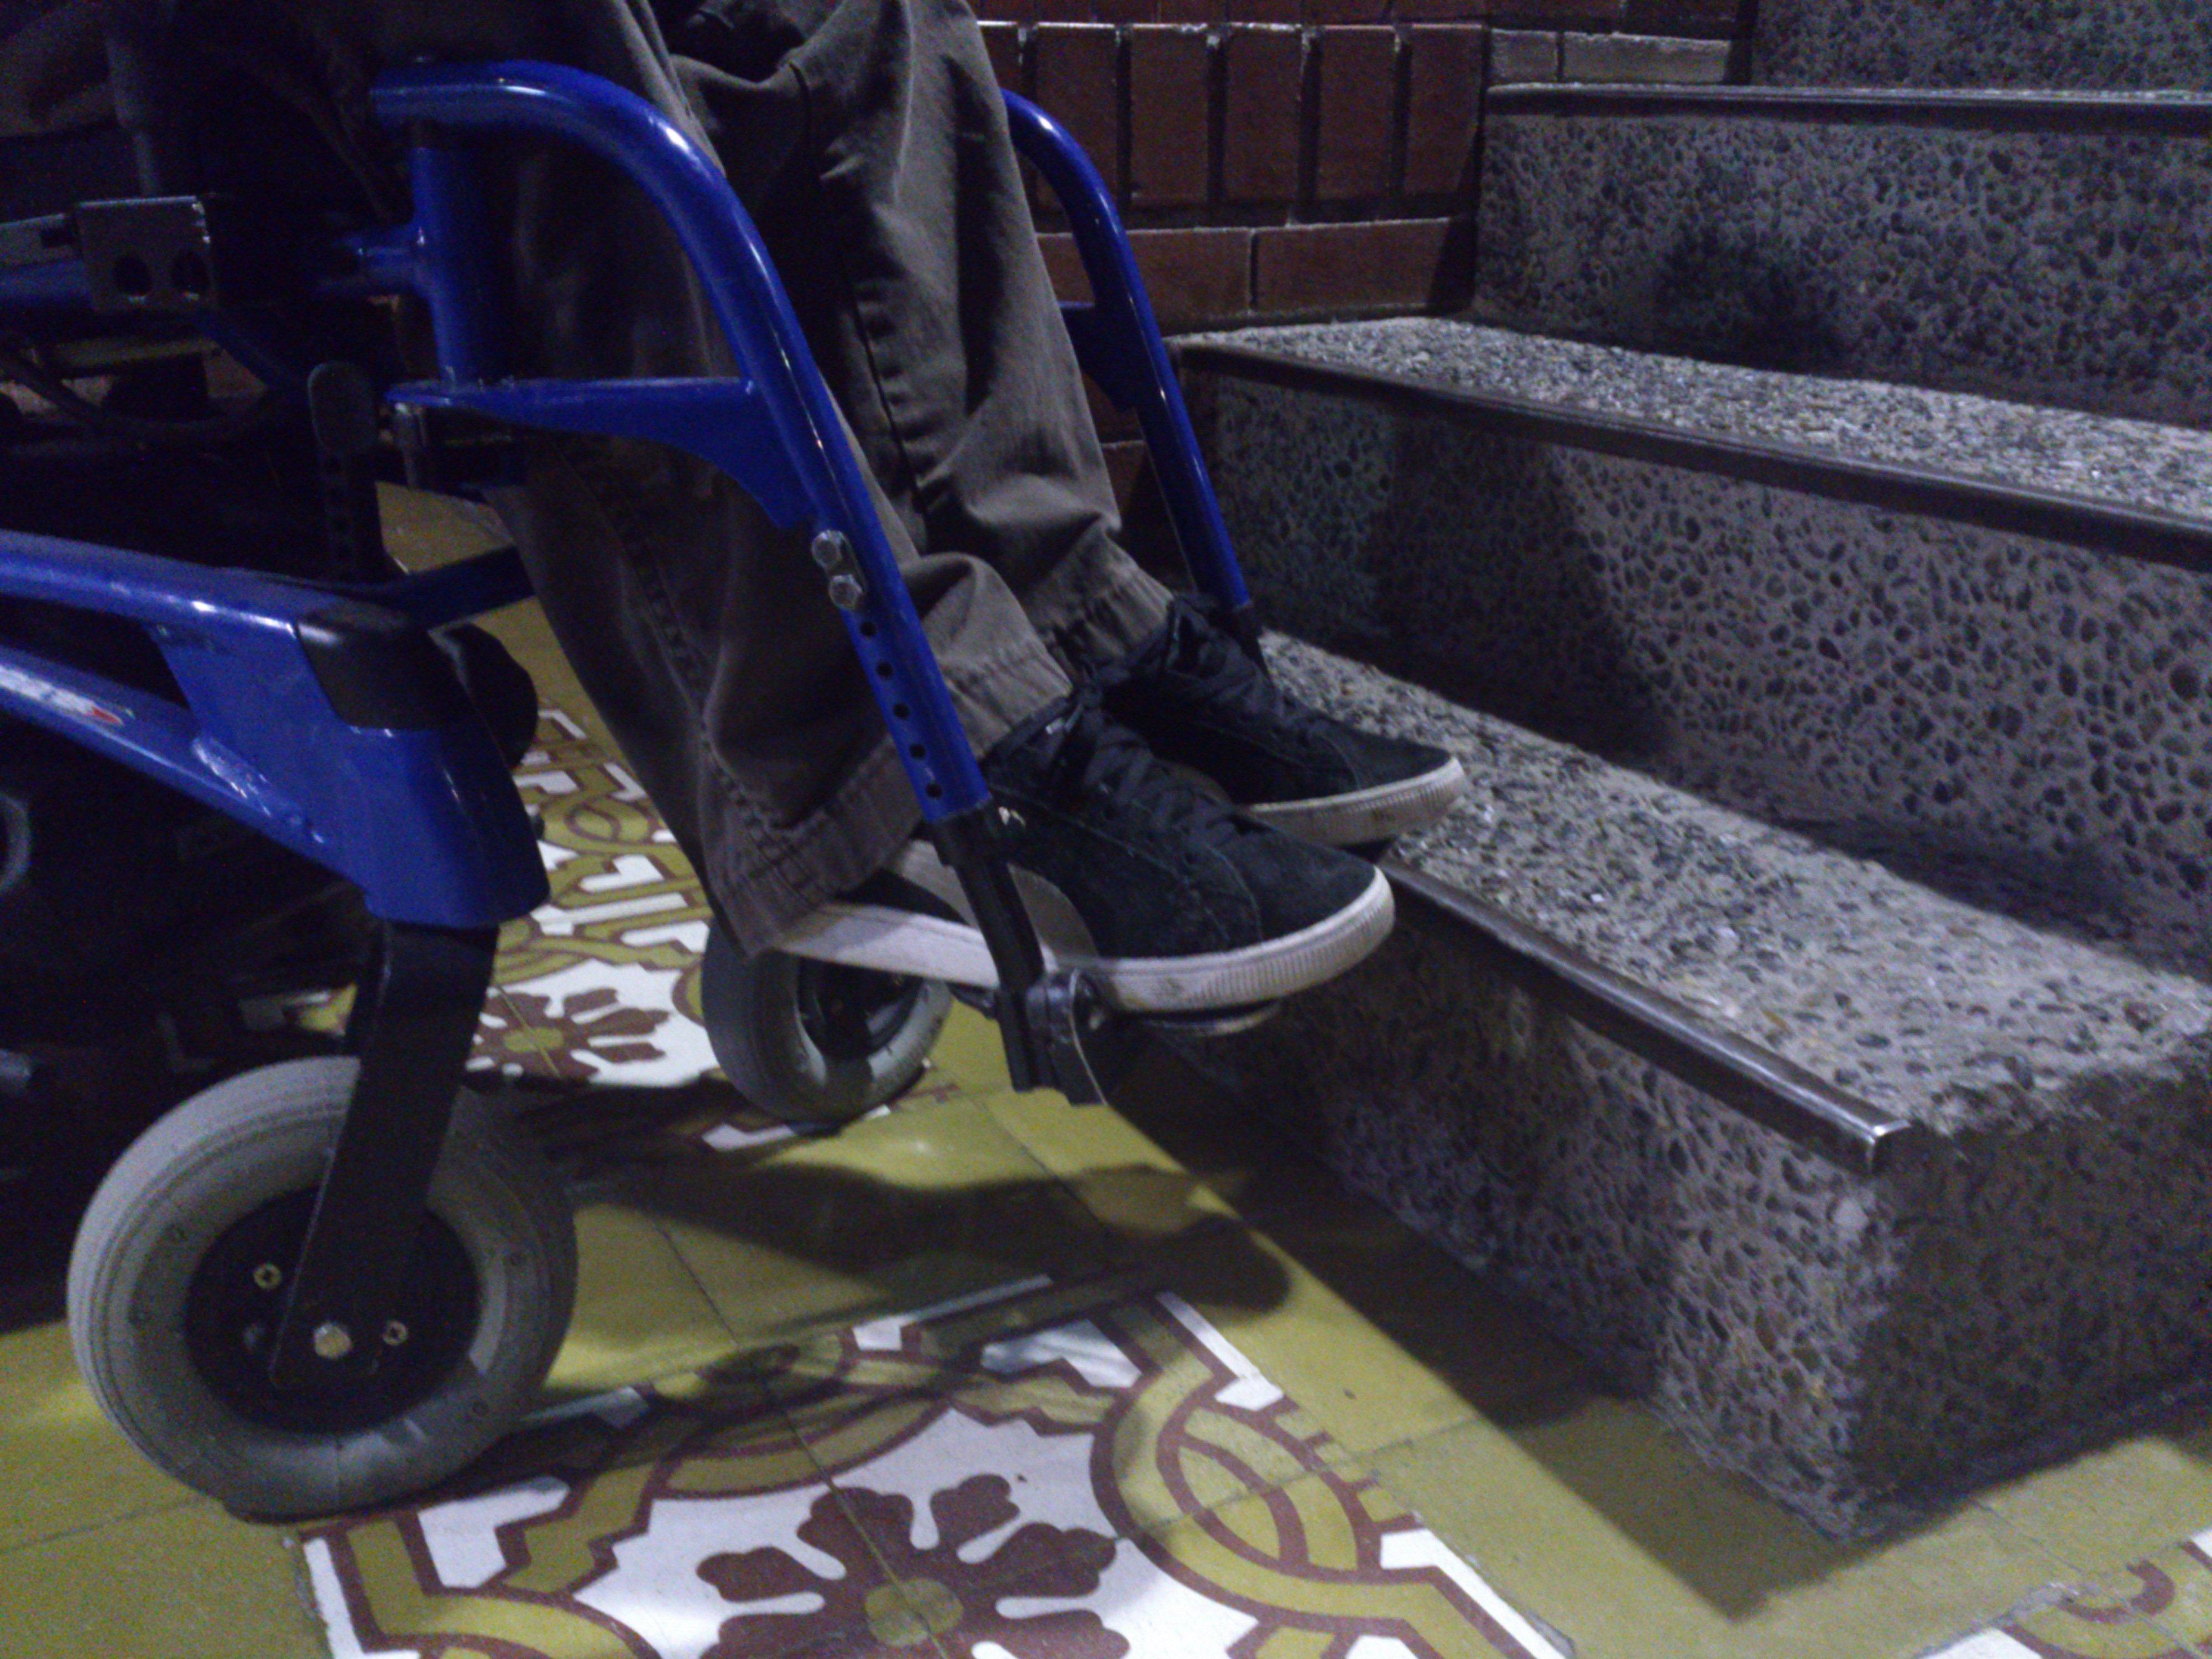 El día a día en silla de ruedas… una forma de aprender a ponerse en el lugar de otros